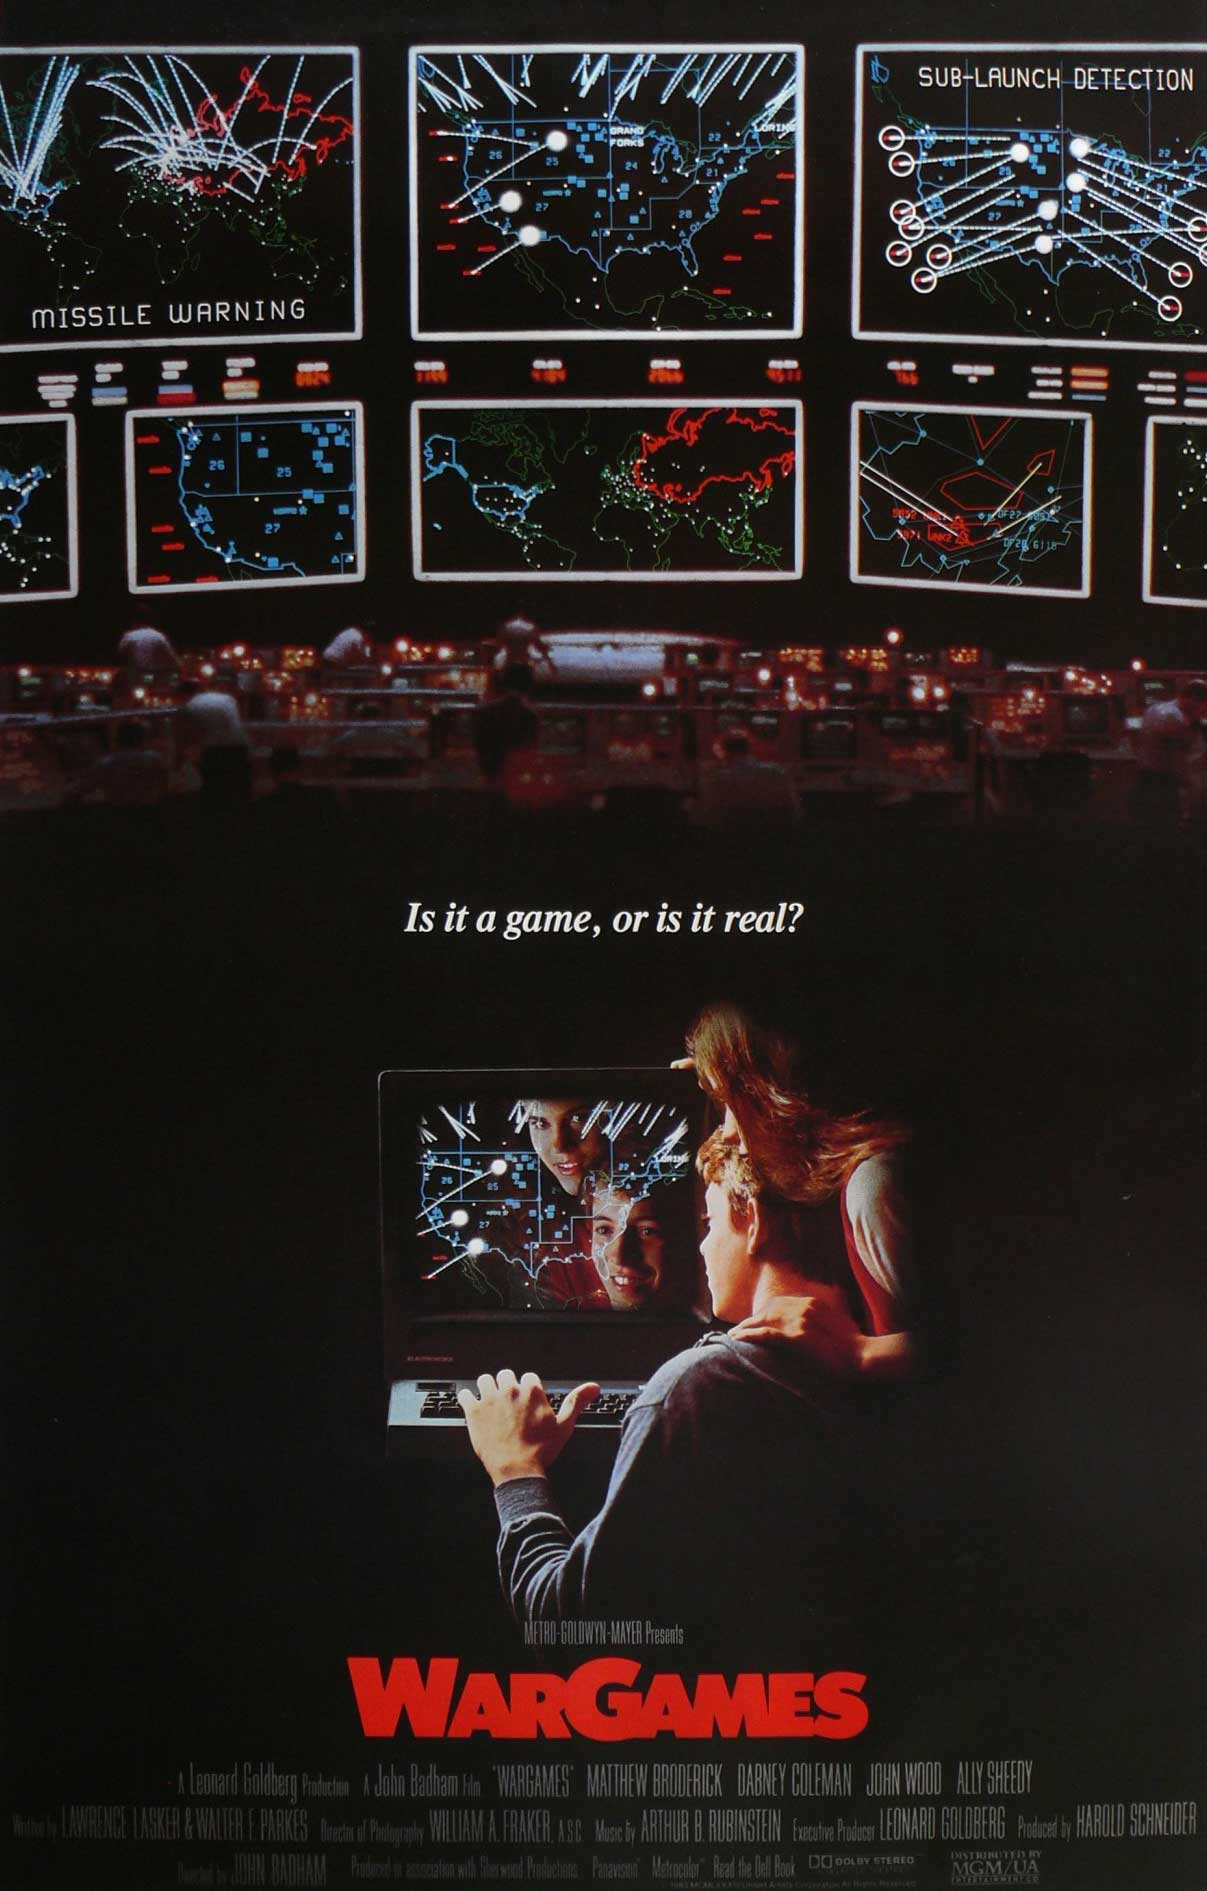 WarGames-Movie-Poster